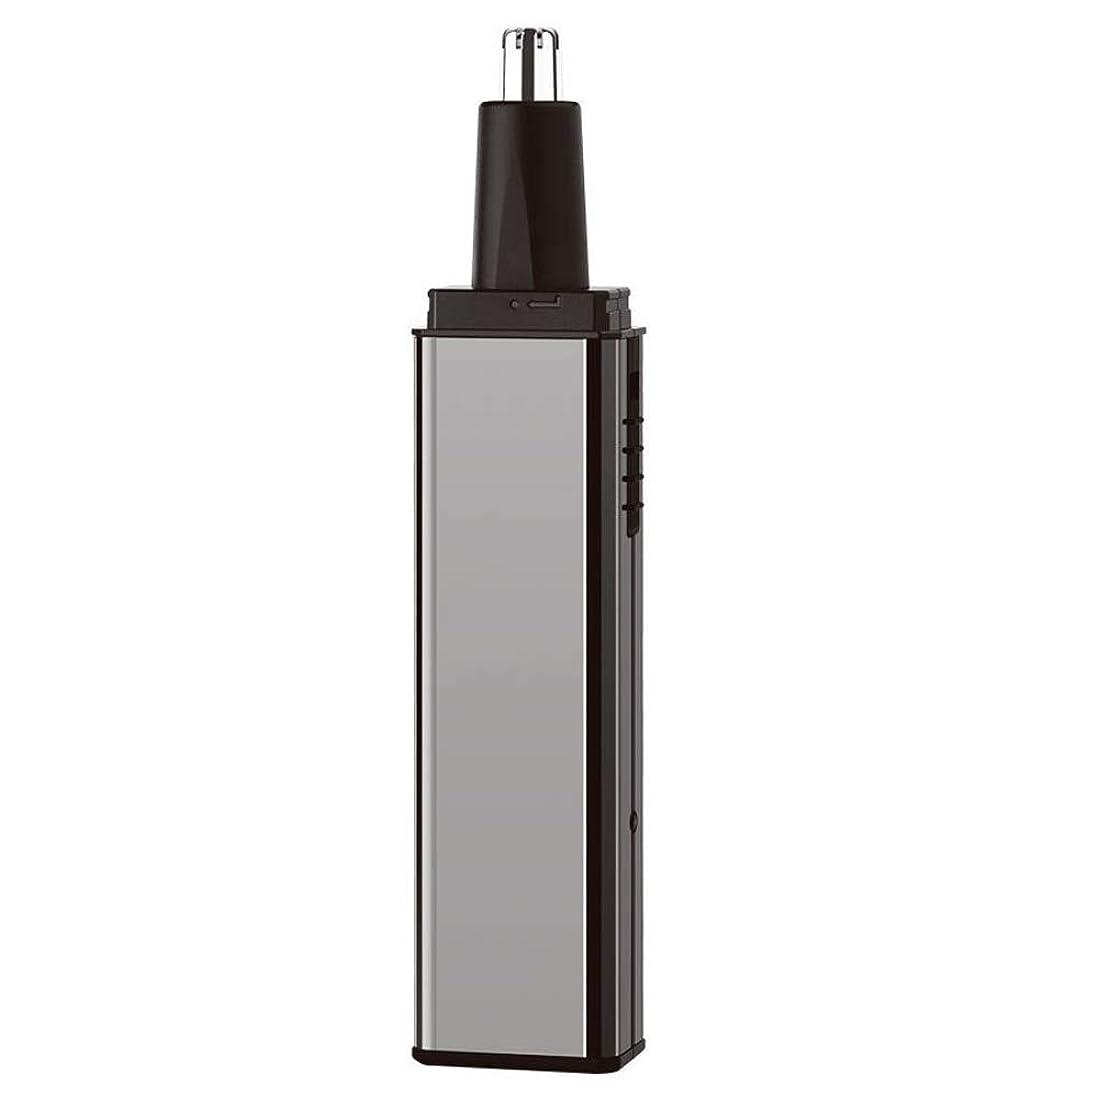 健康的はい可決鼻毛トリマー-多機能スーツフォーインワン/電気鼻毛トリマー/ステンレススチール/多機能/ 13.5 * 2.7cm 持つ価値があります